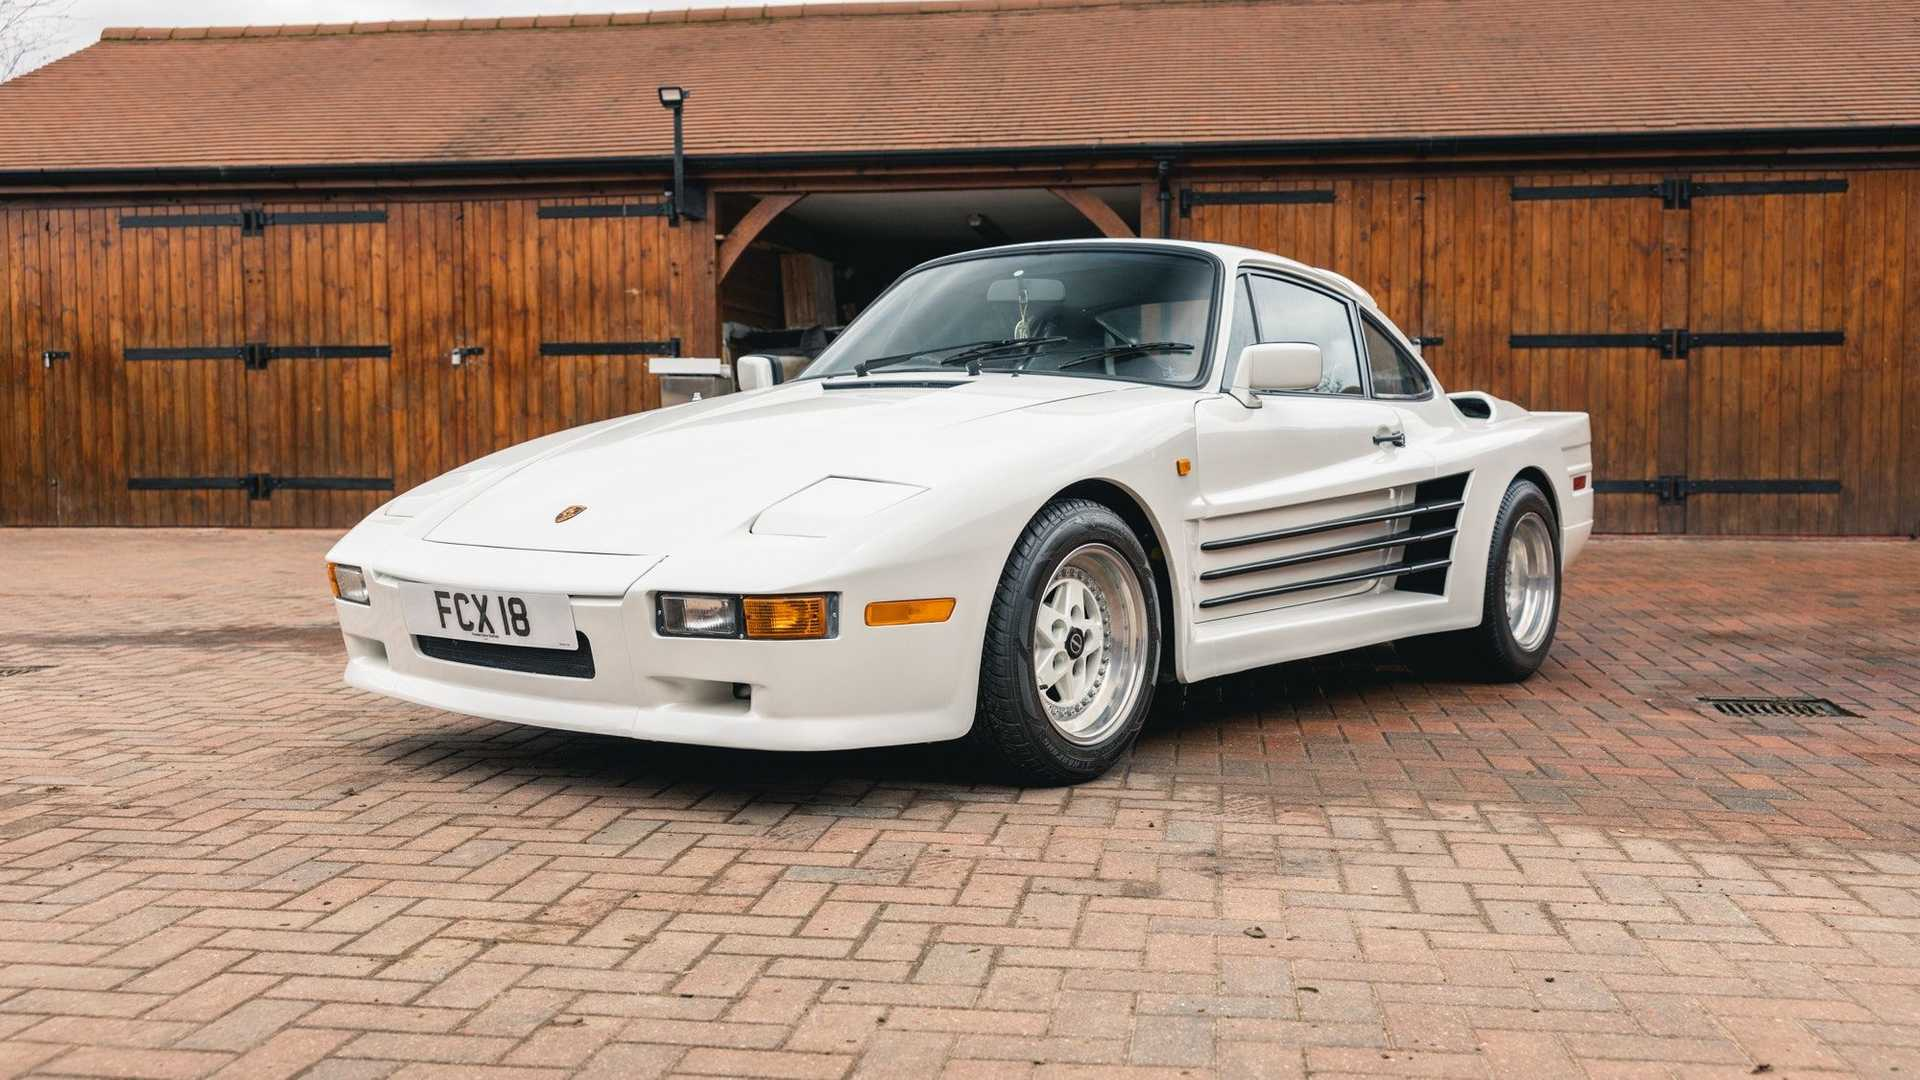 Porsche-911-930-Turbo-Rinspeed-R69-for-sale-2